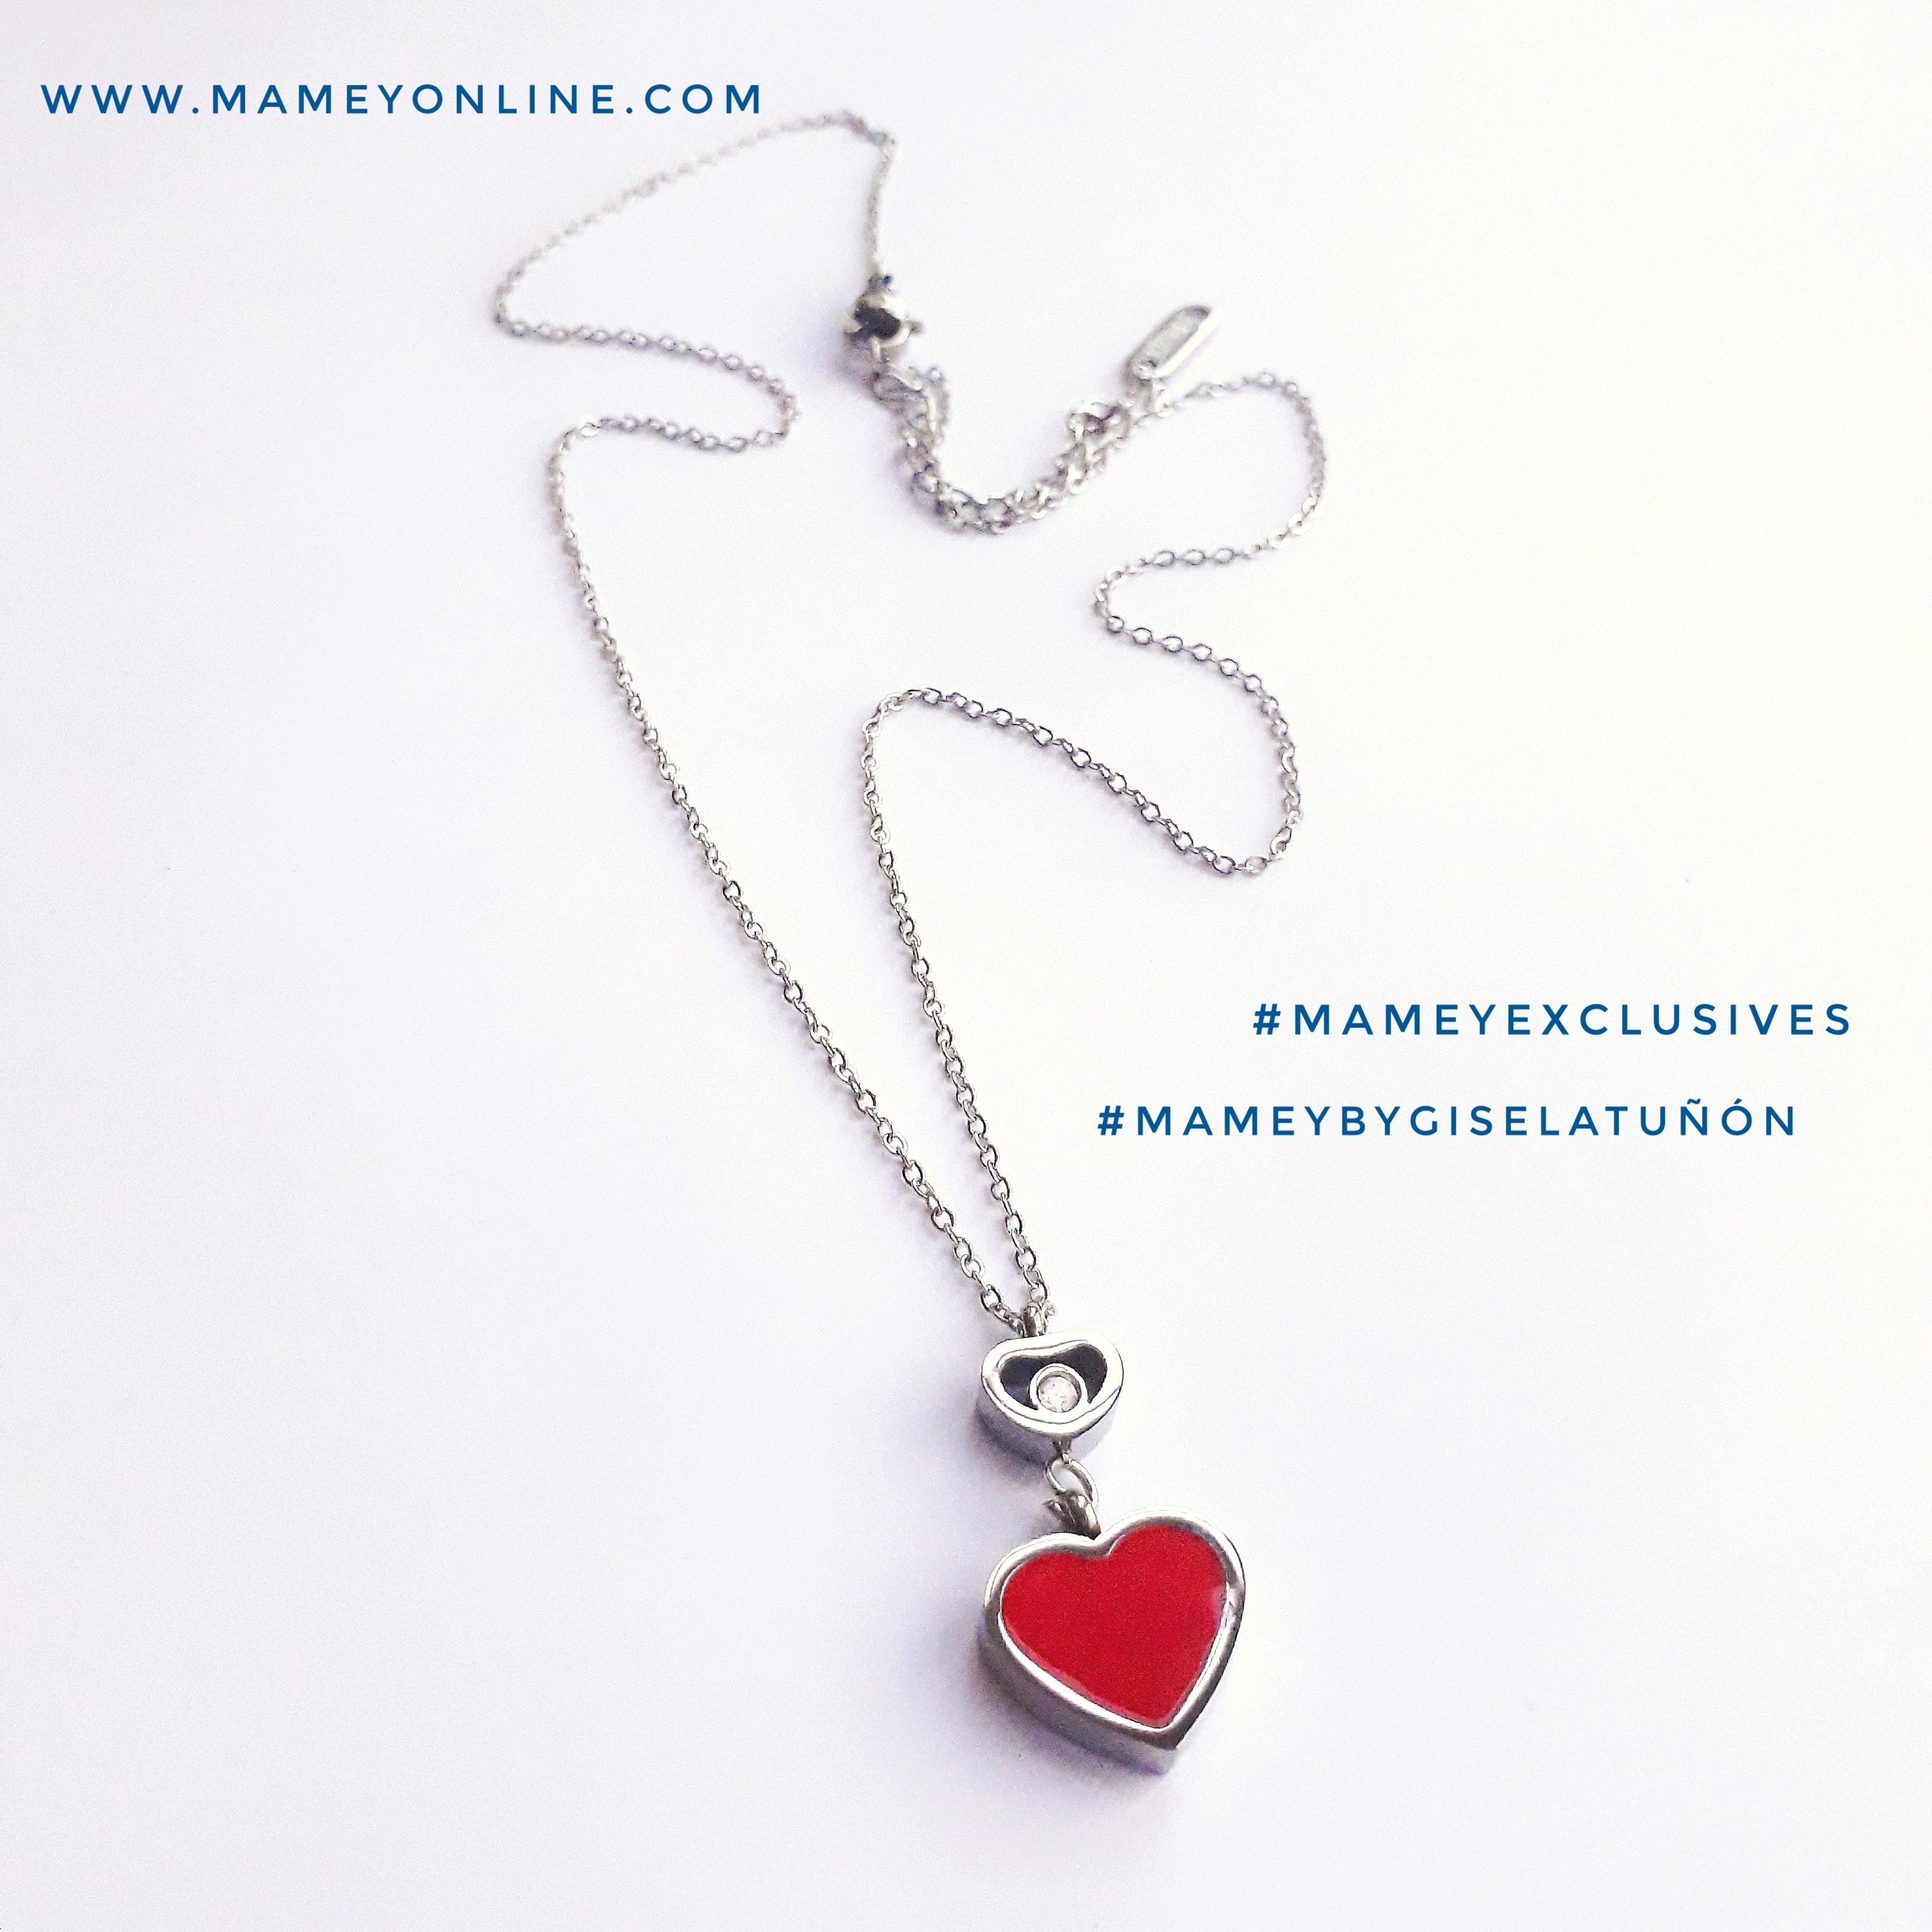 802624d62bc1 MA04 – Collar de acero inoxidable plateado con corazón rojo y rhinestone